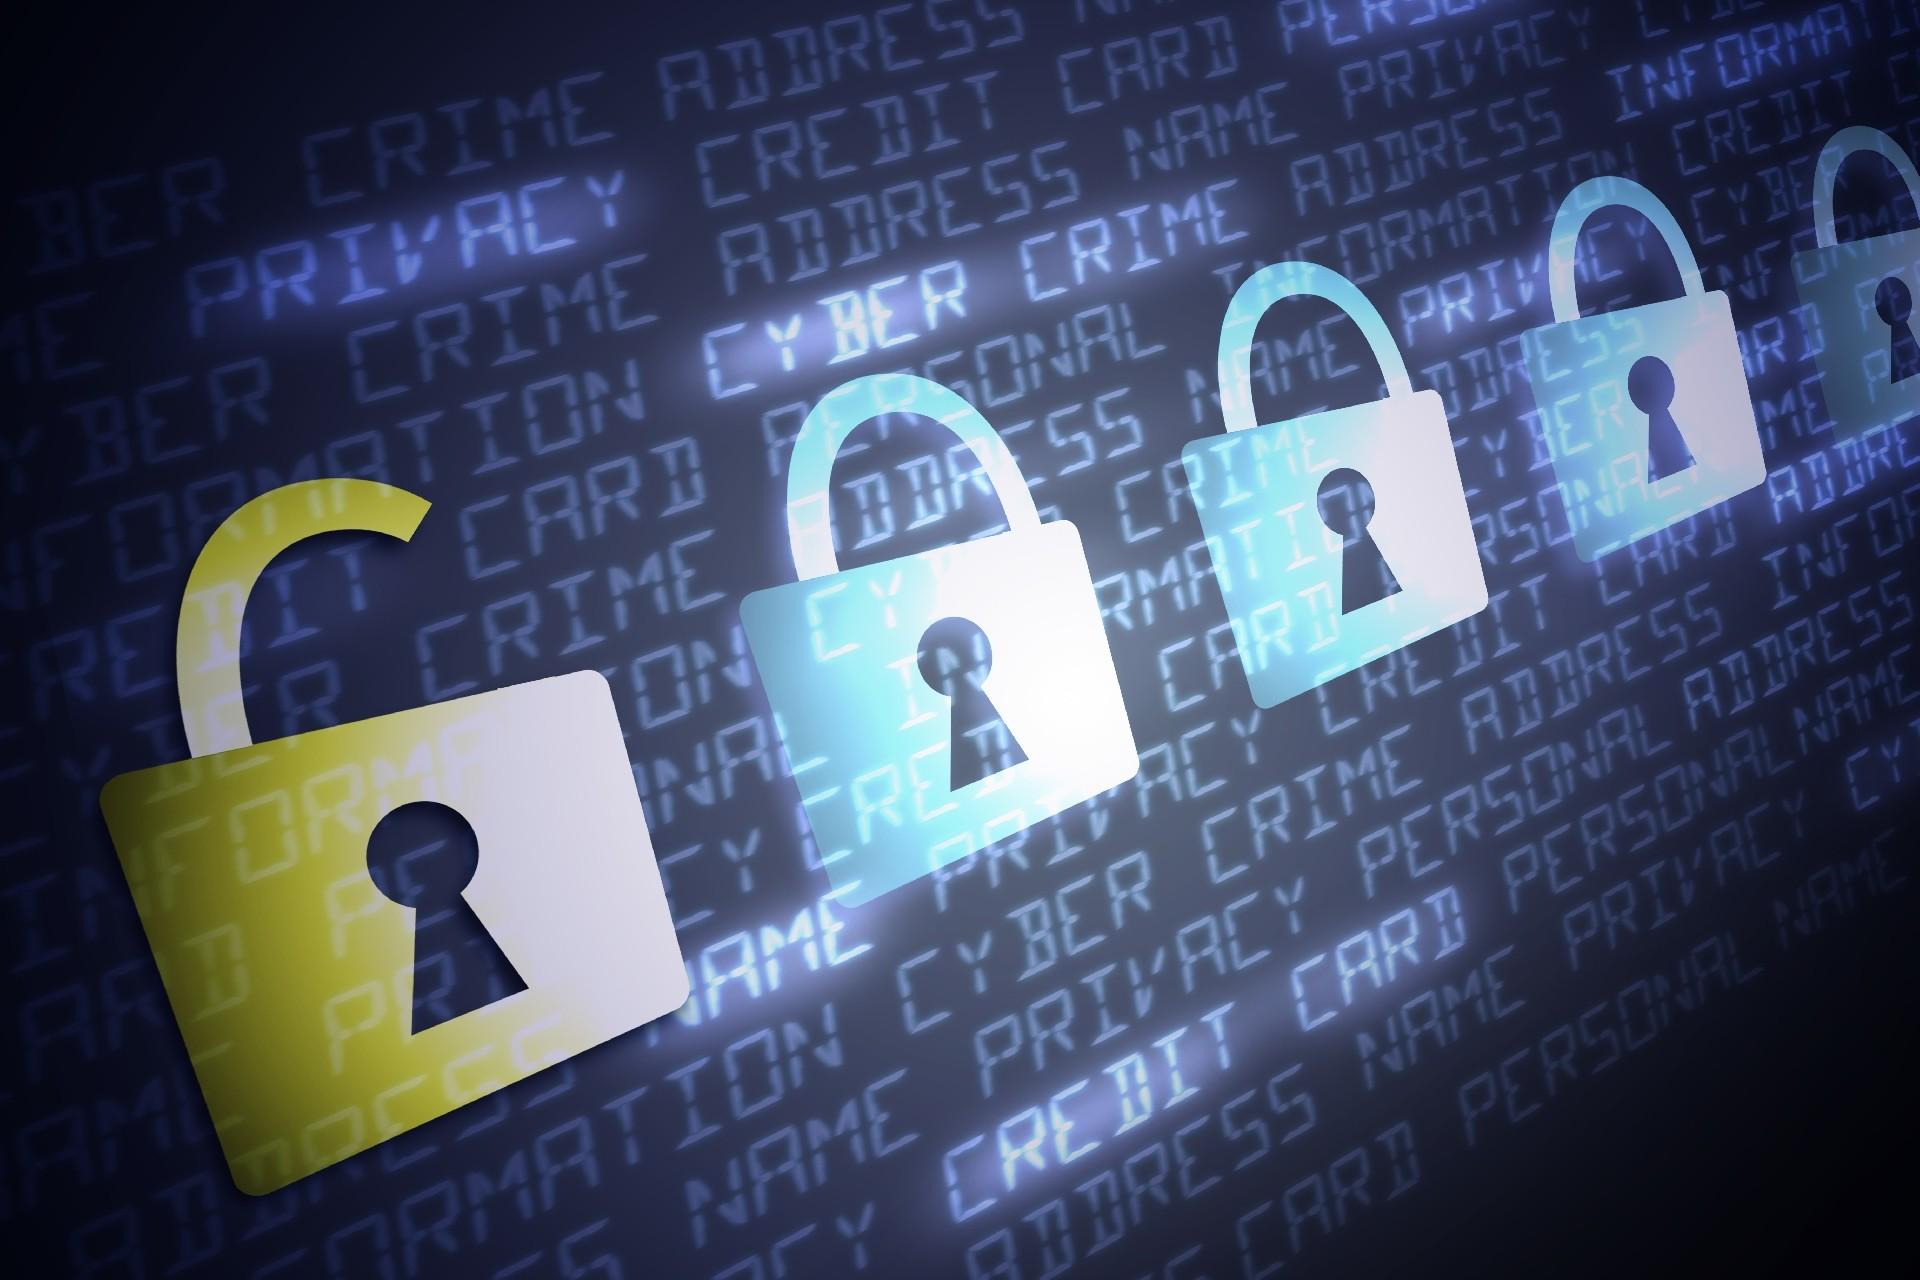 パスワード管理ソフトは導入しておくとよいと思う【転ばぬ先の杖】